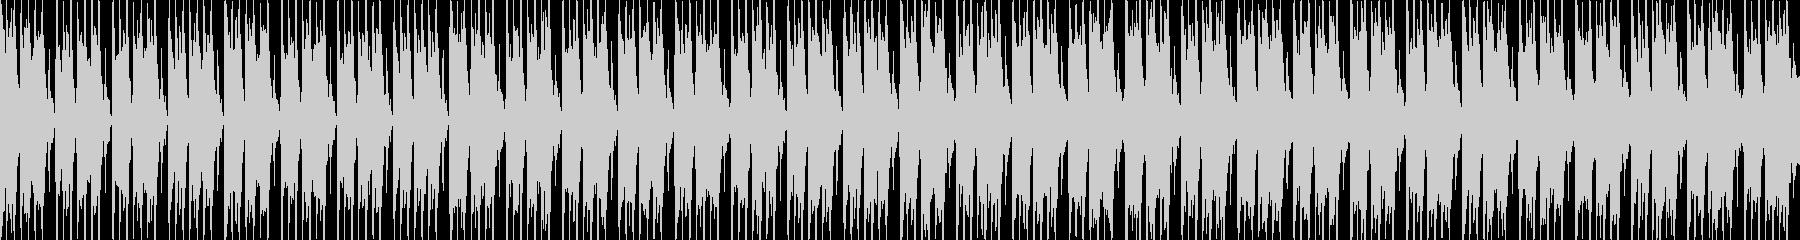 明るいポジティブなエレクトロBGM、SLの未再生の波形